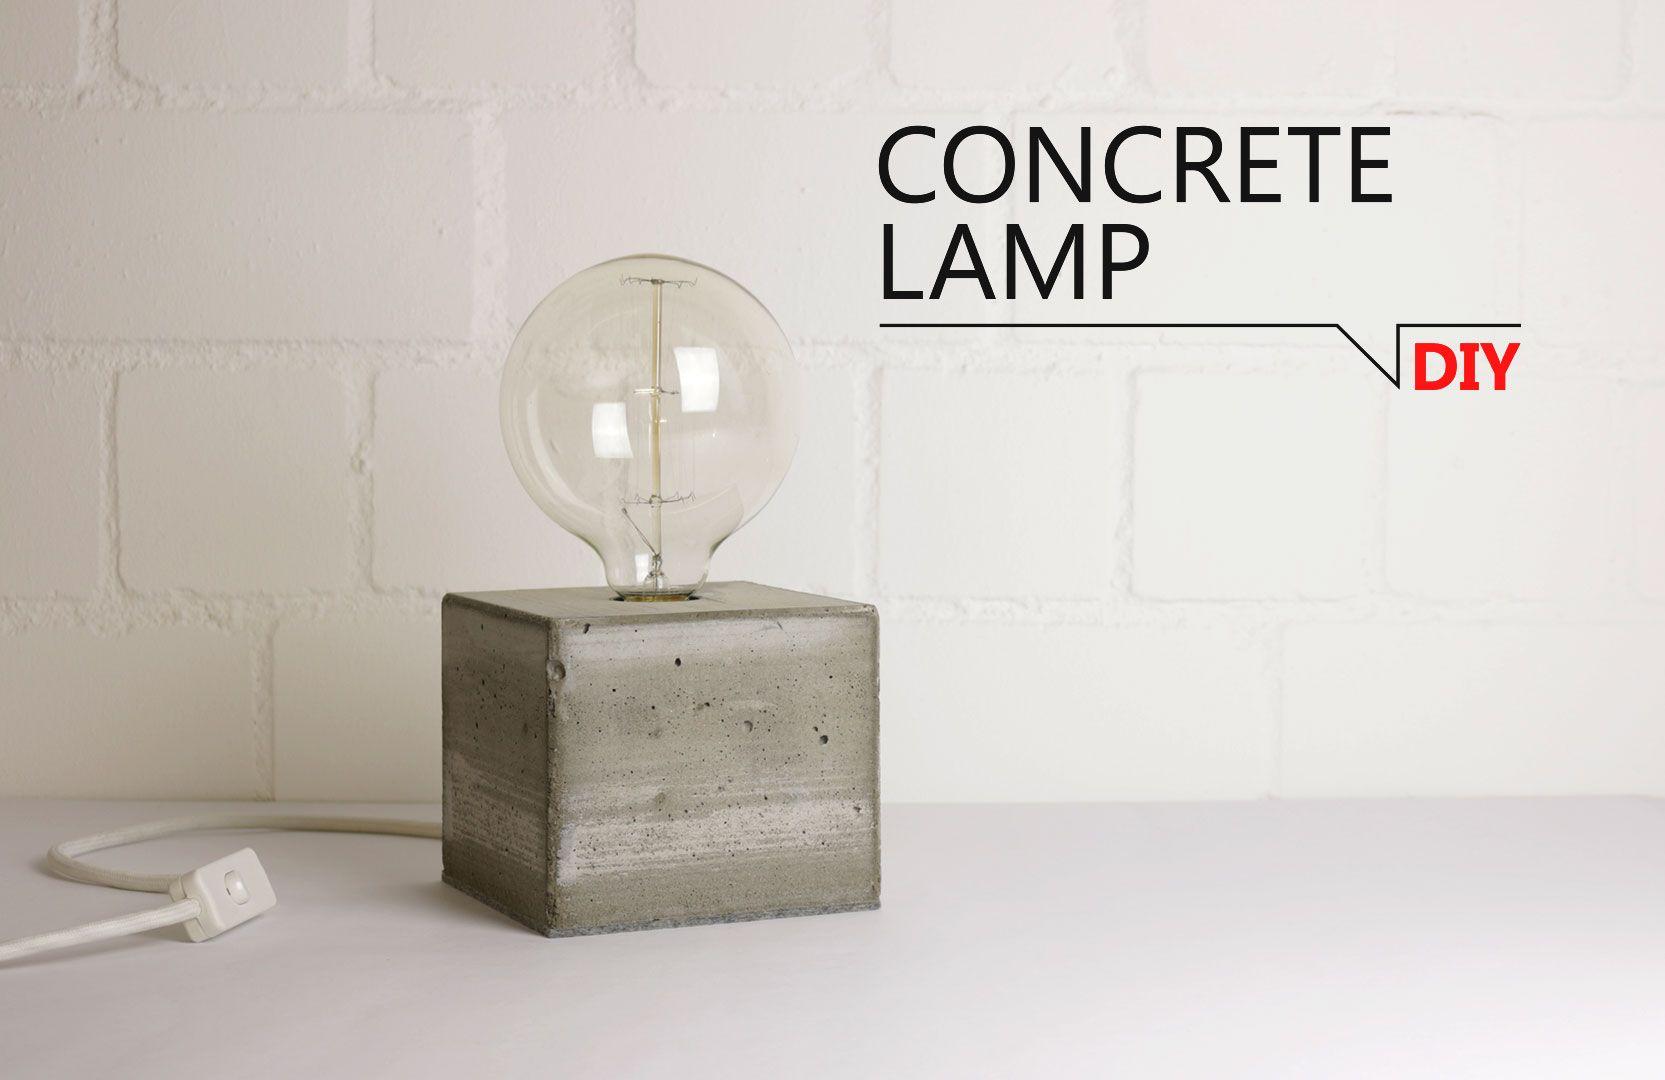 DIY: Concrete Lamp (Video Tutorial)